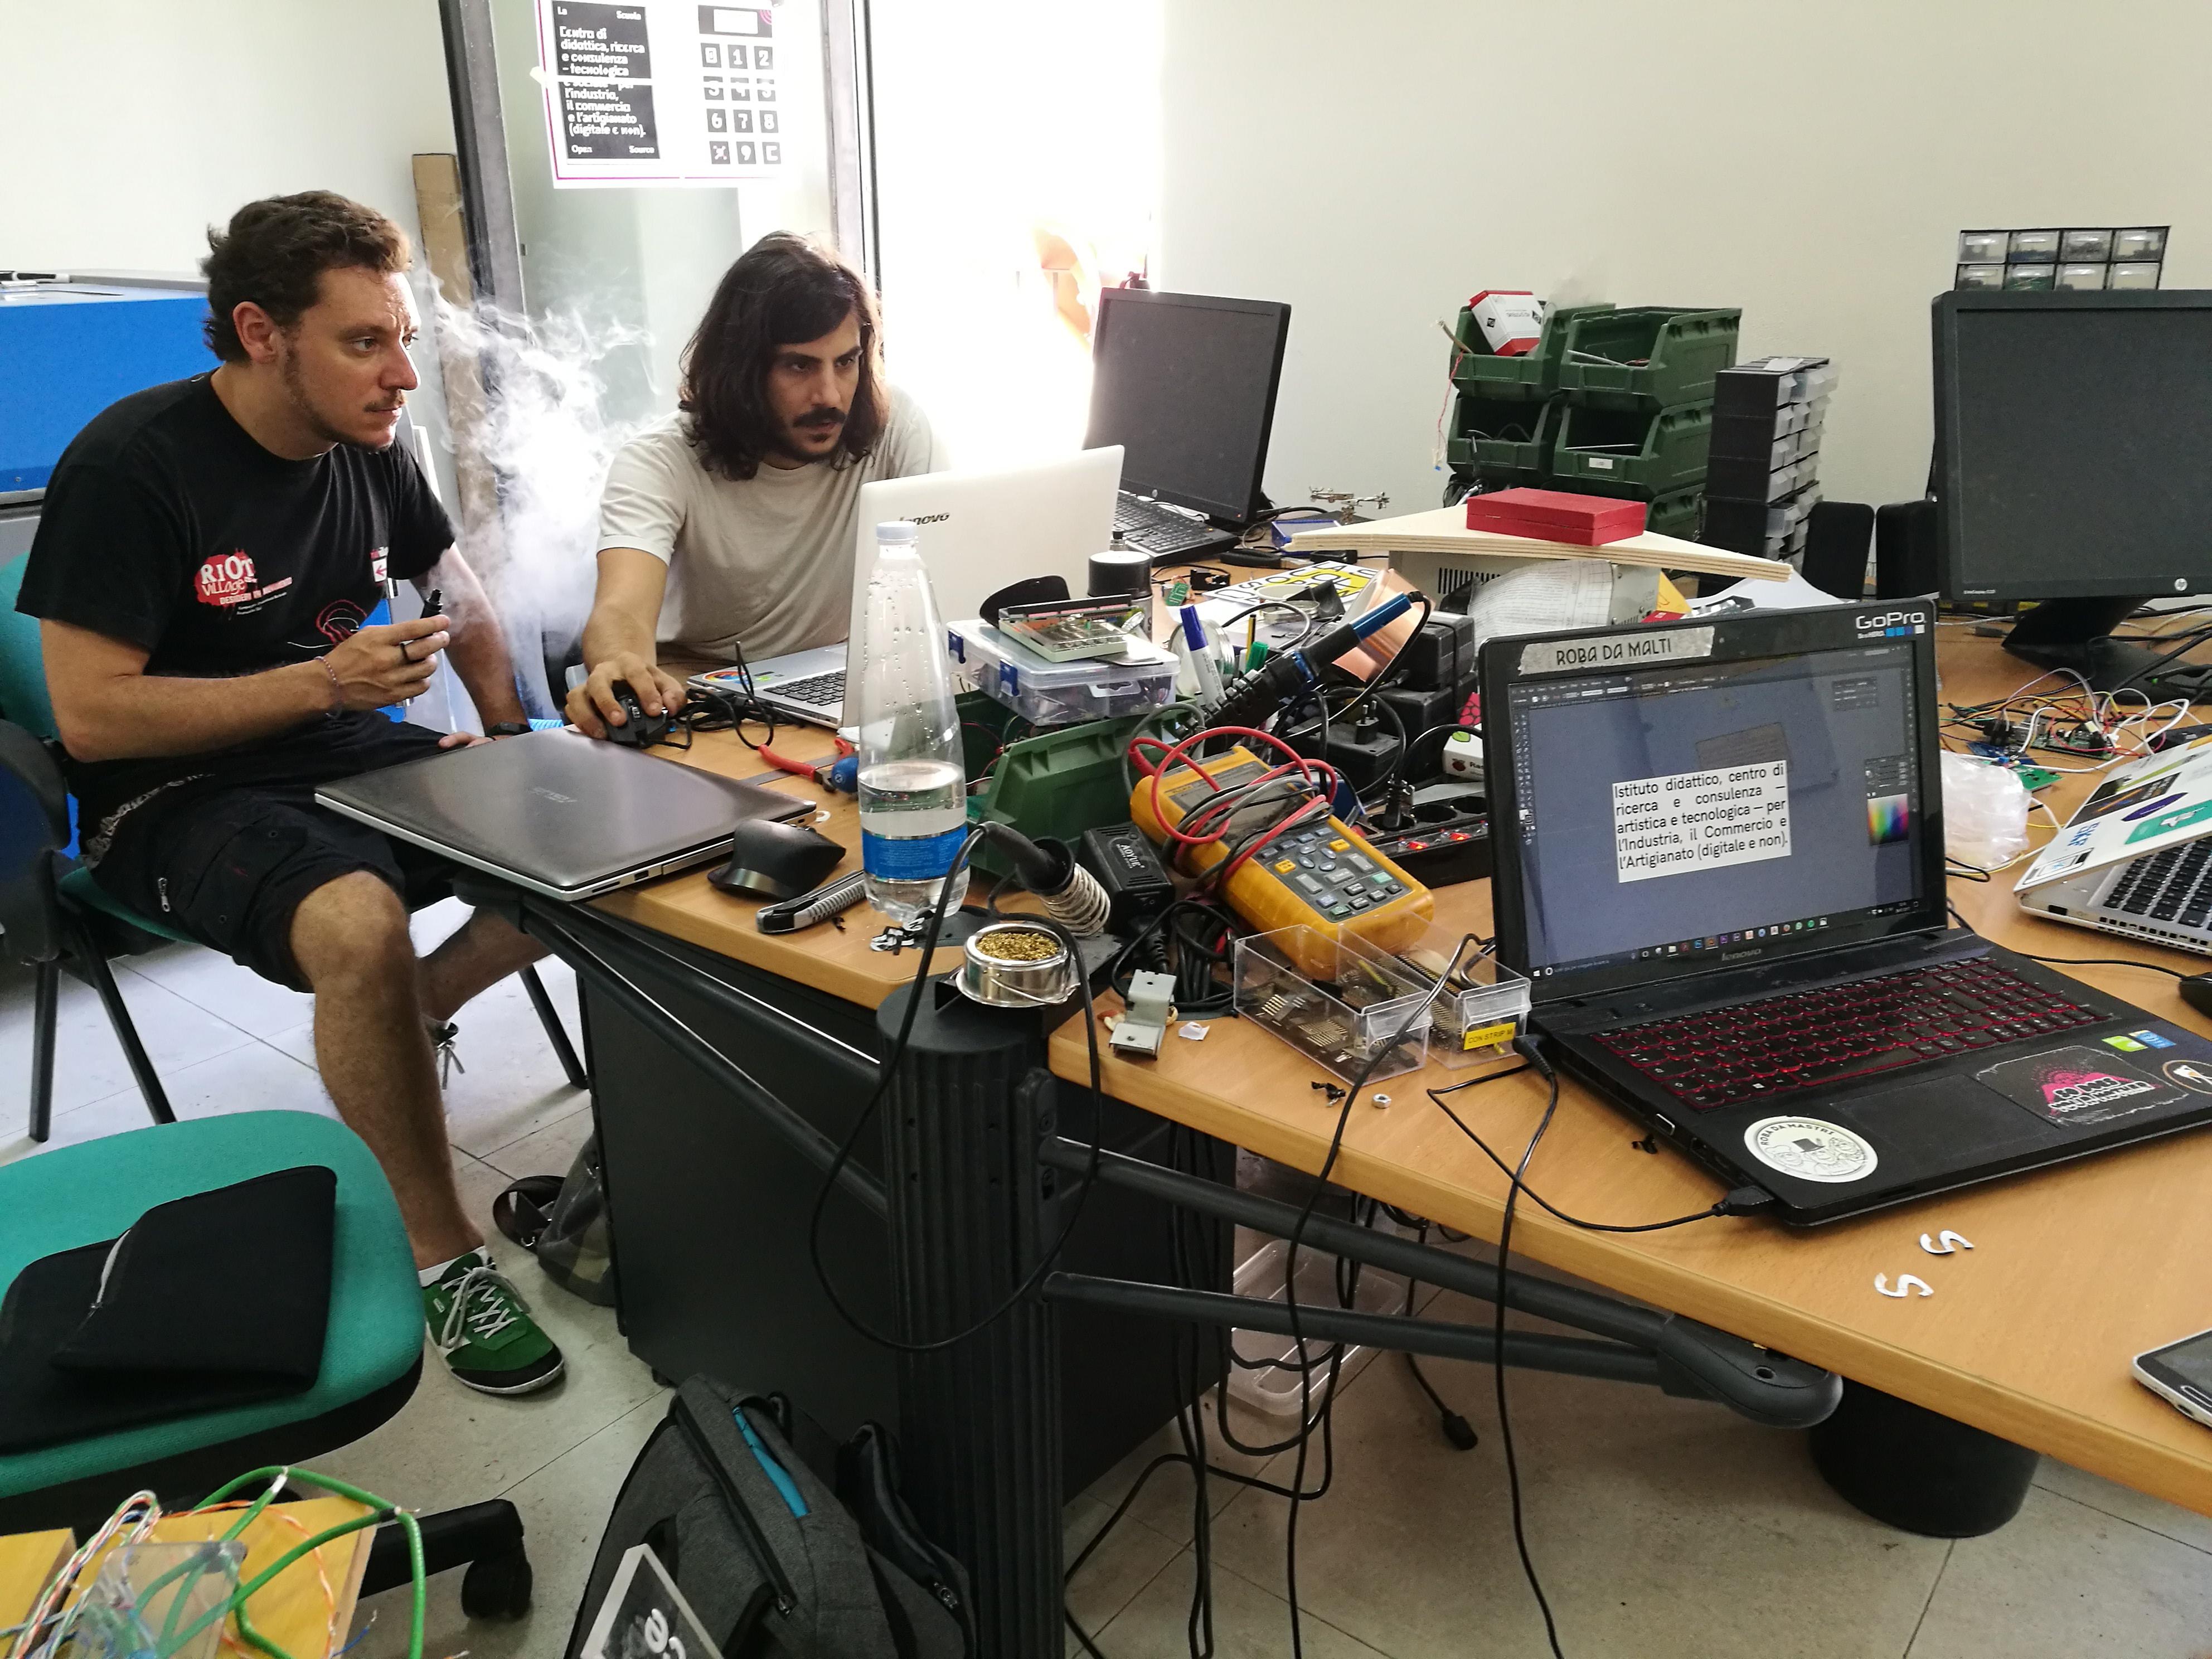 XYZ2017 / GIORNO 6: TIC… TAAAC!